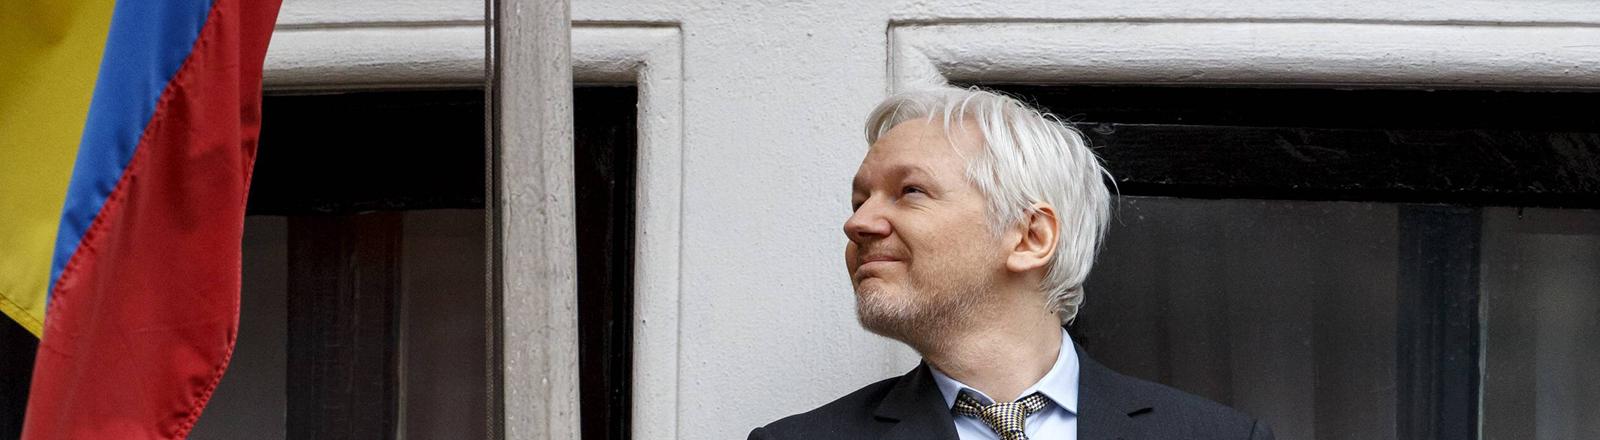 Julian Assange auf dem Balkon der Botschaft von Ecuador in London